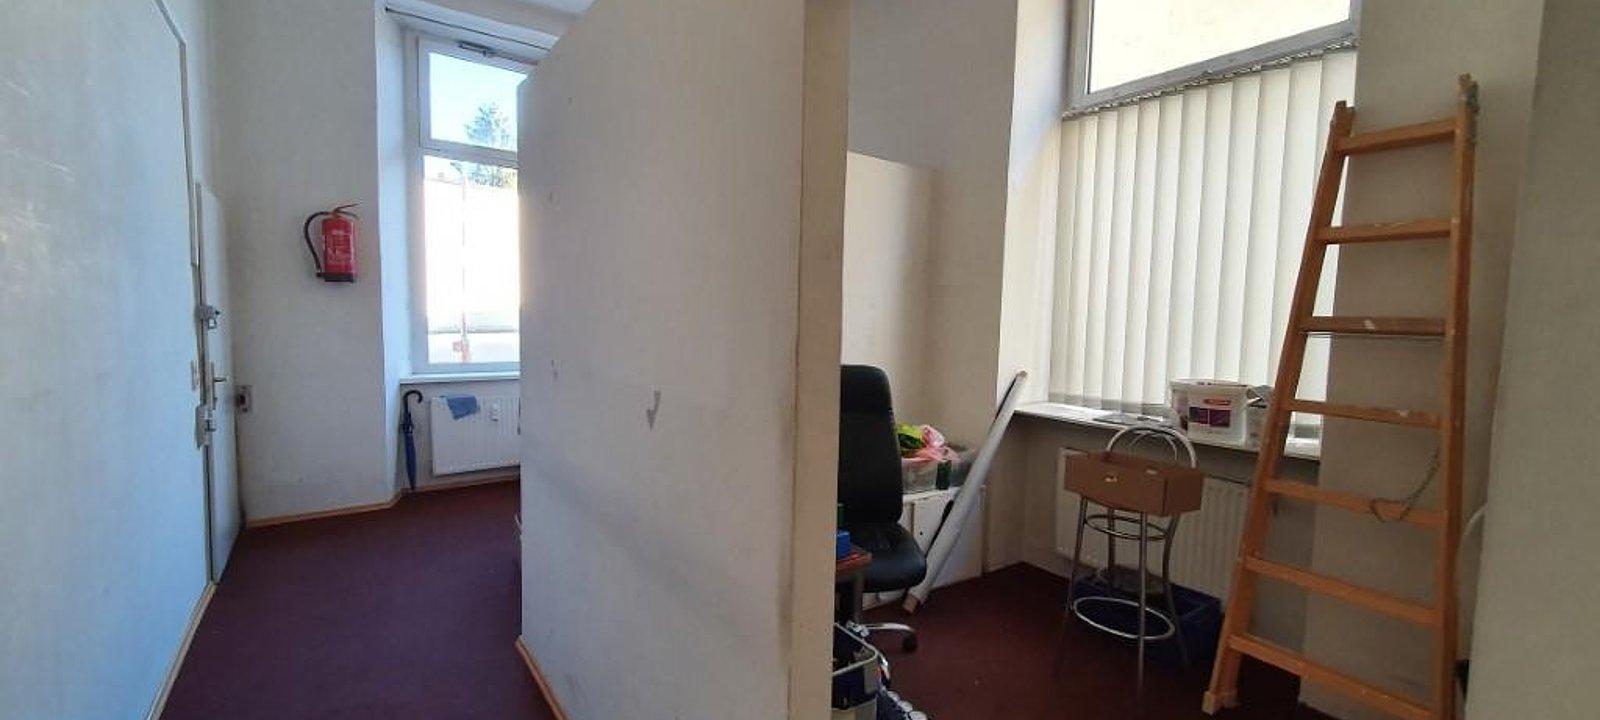 Archiv (Büro 4)